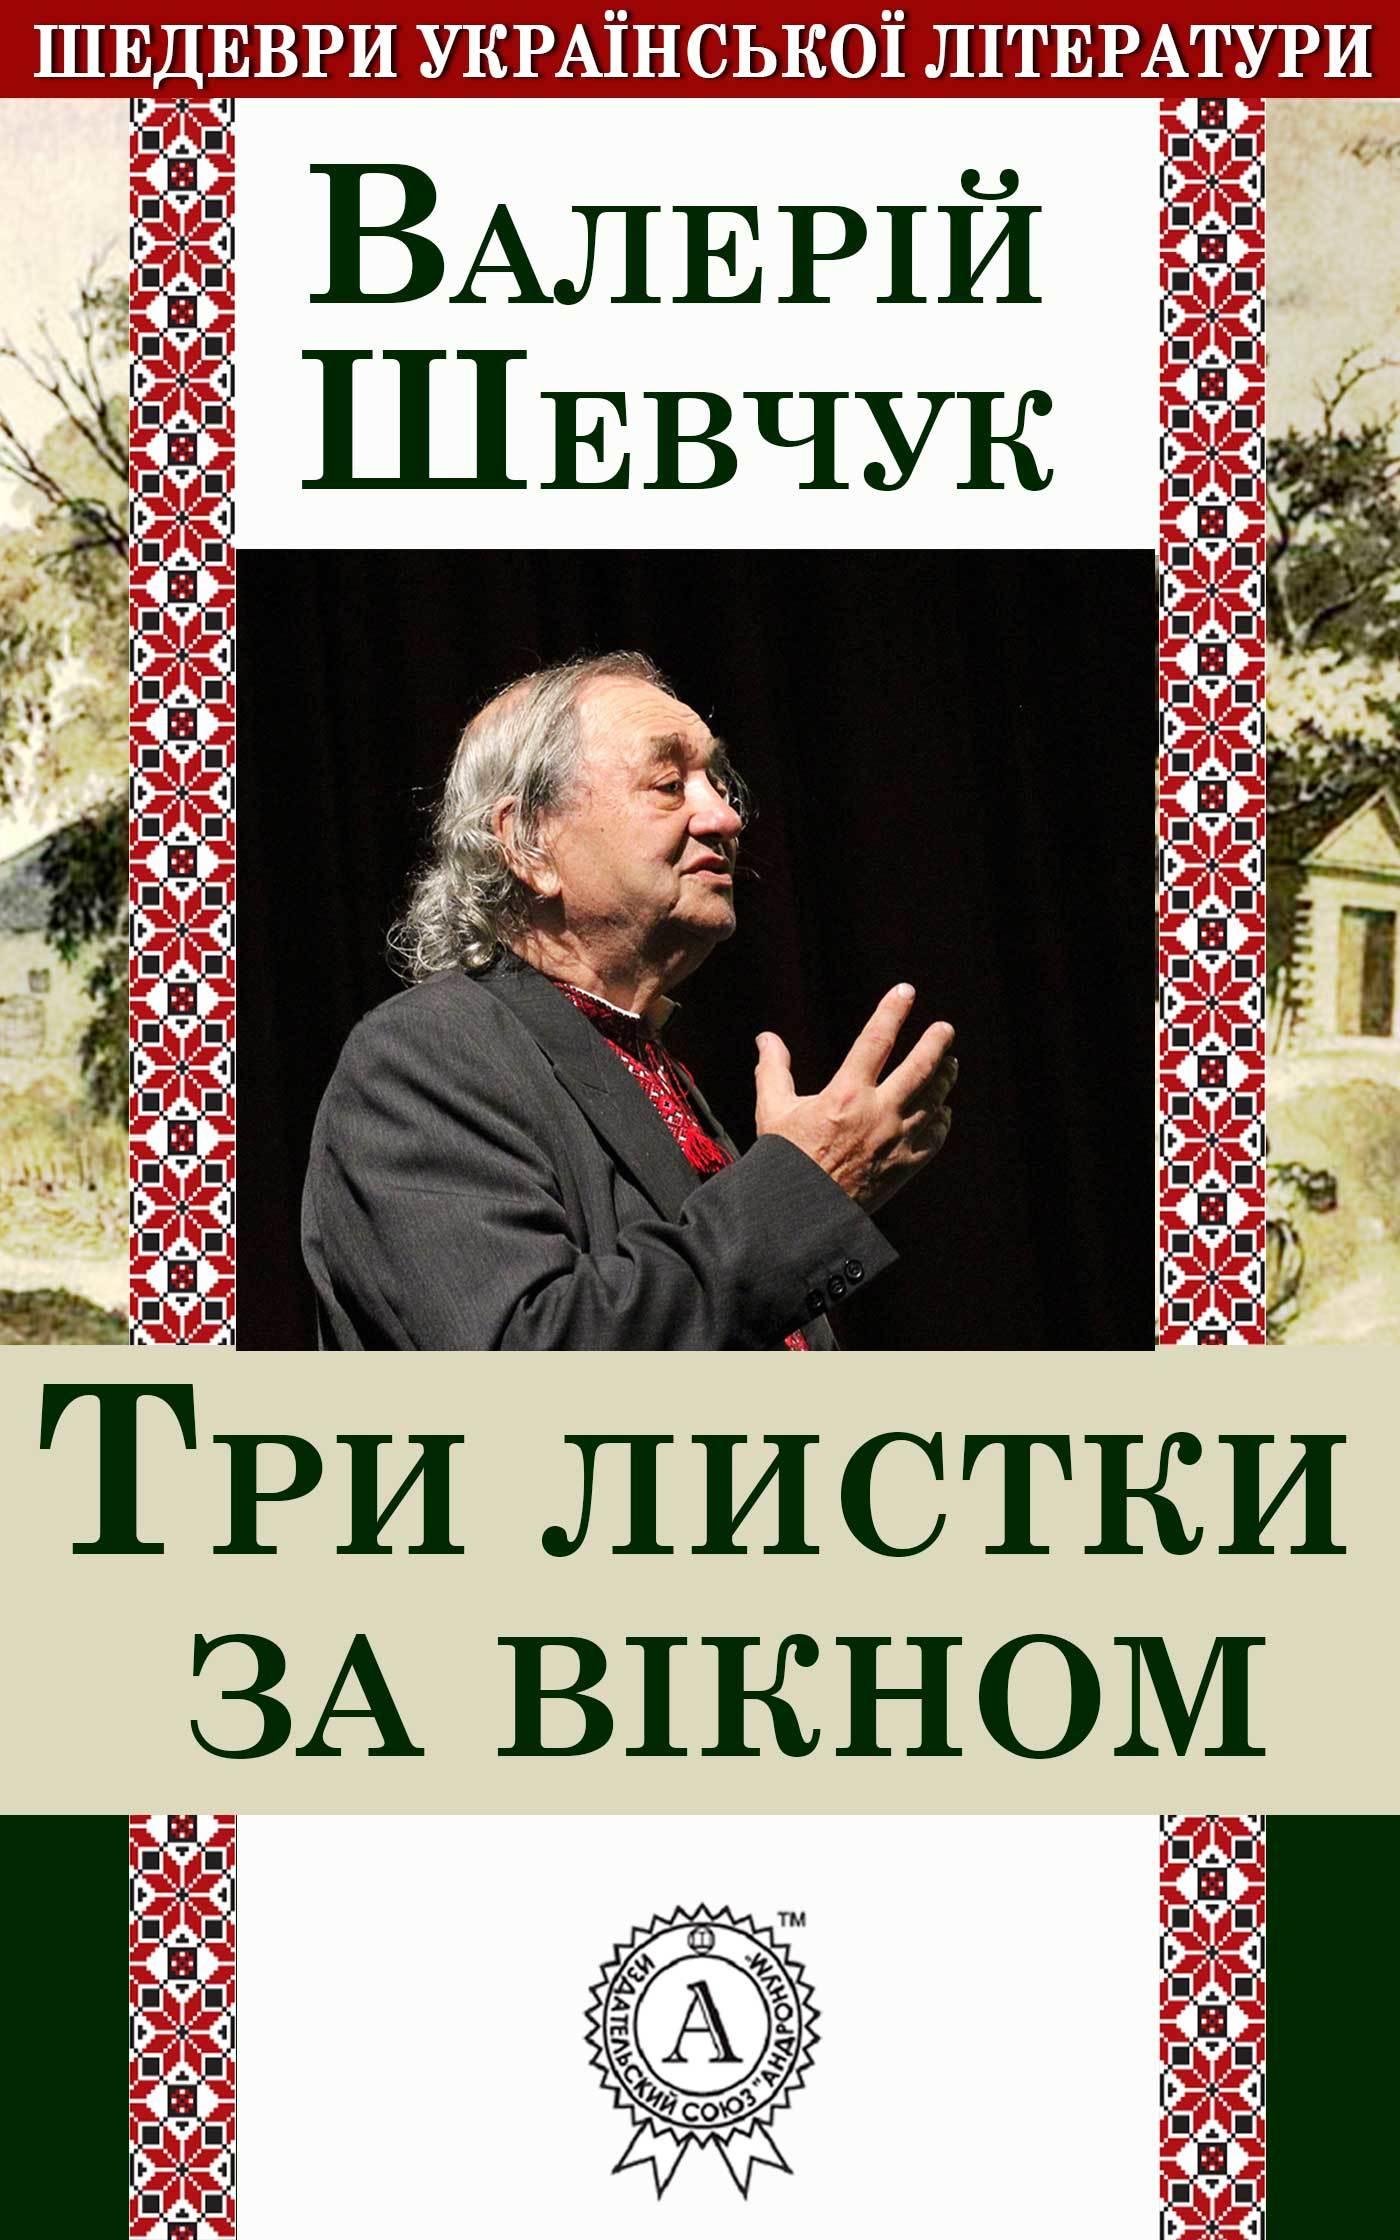 Валерій Шевчук Три листки за вікном валерій шевчук дім на горі